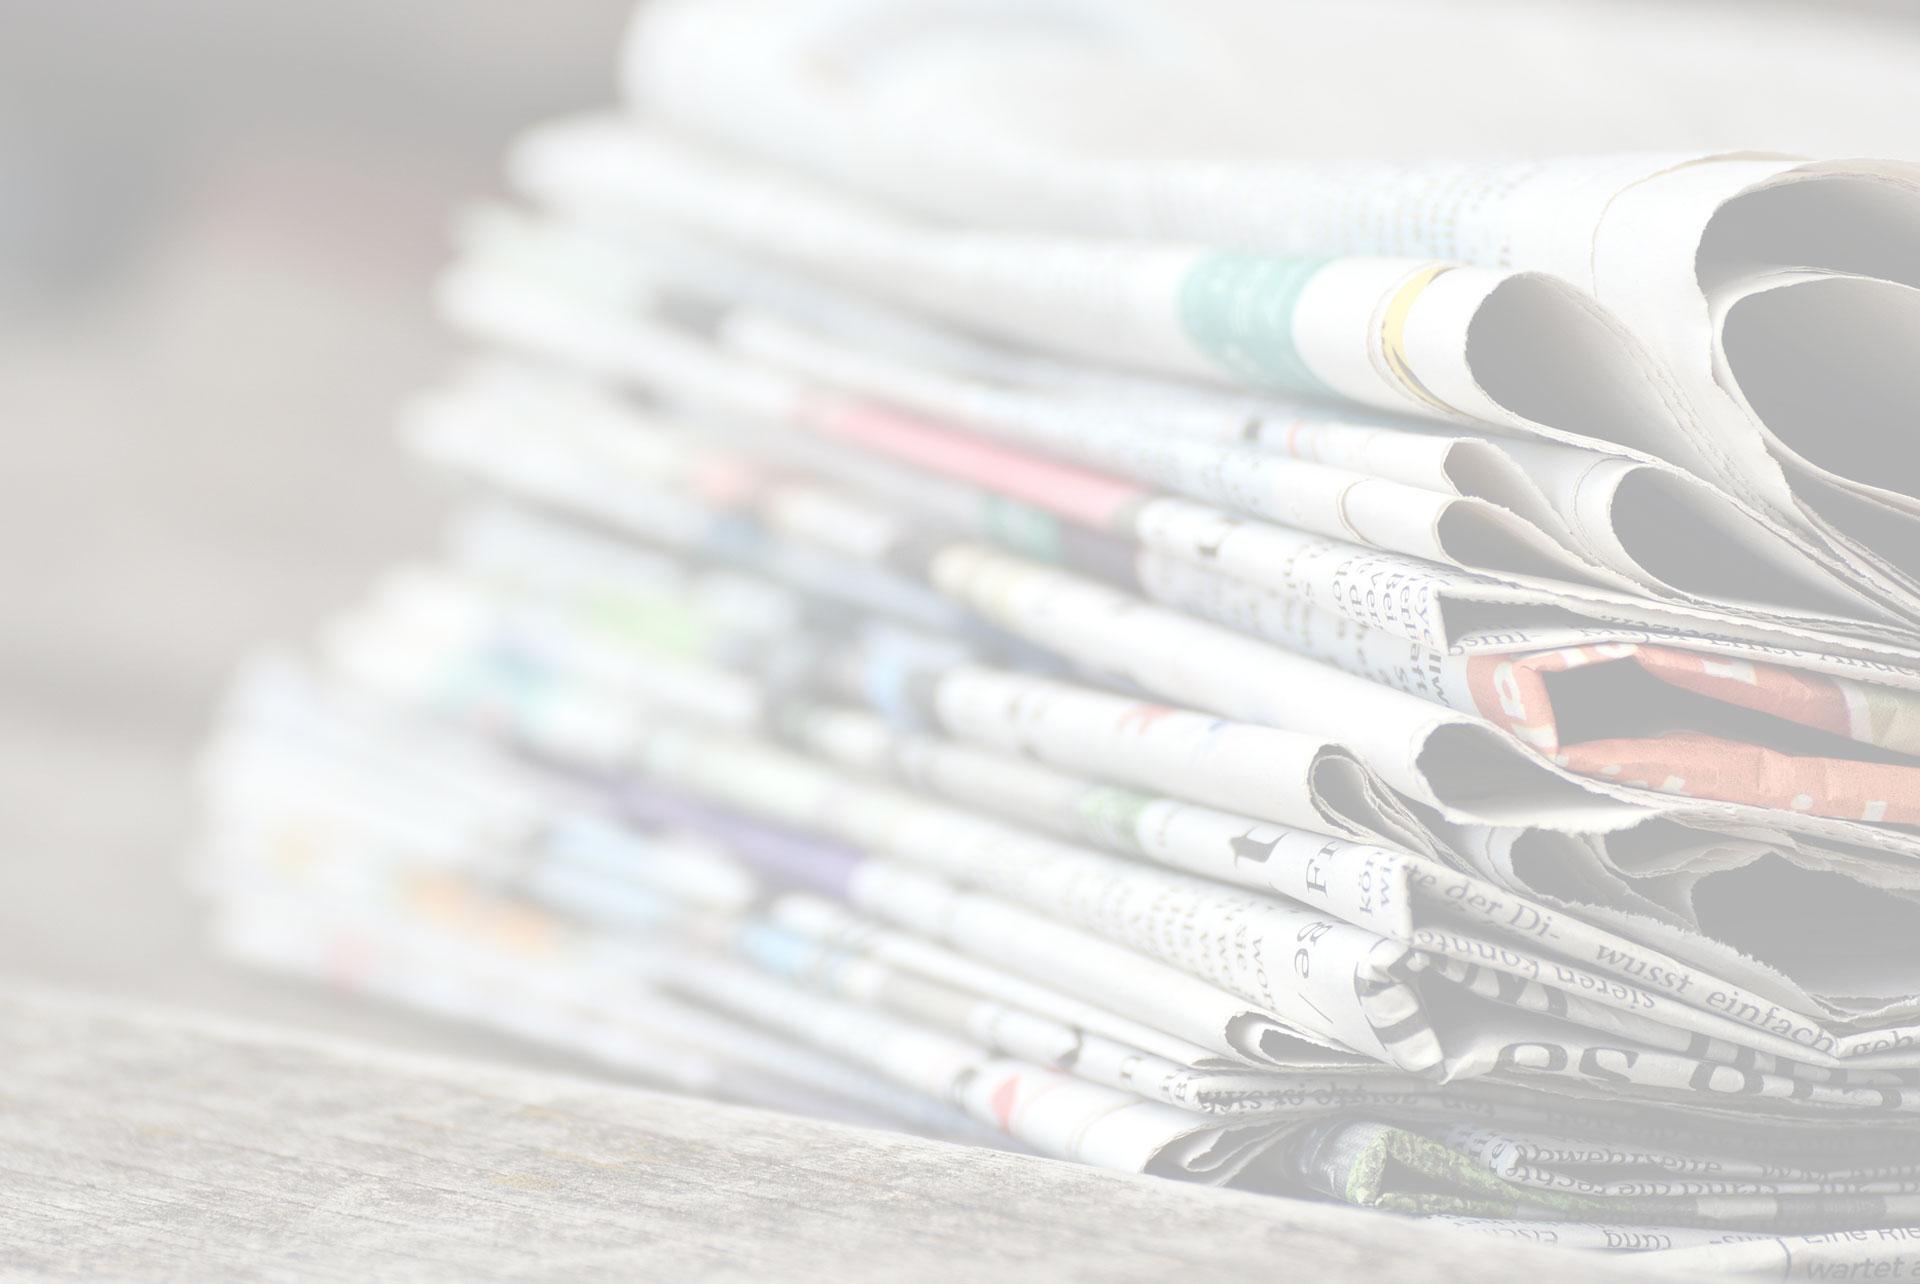 Presentato l'ospedale Fiera di Milano. Bertolaso, 'Promessa